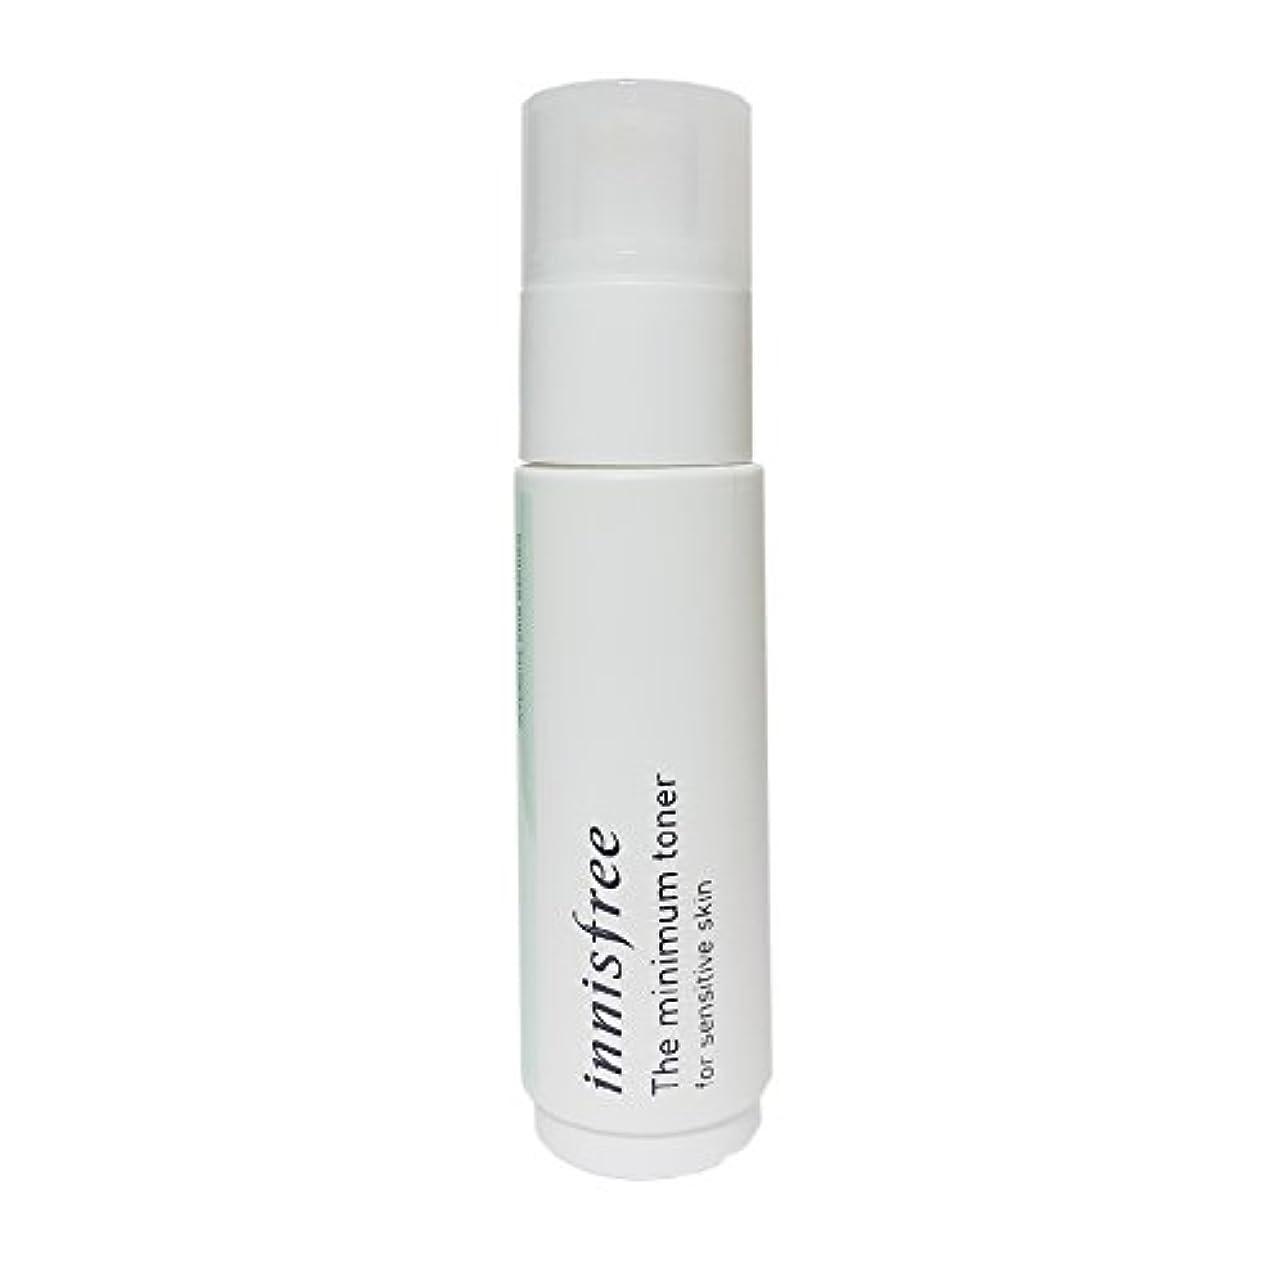 王位ボイコット従事した[イニスフリー] Innisfree ザミニマム トナー敏感肌用(45ml) Innisfree The Minimum Toner For Sensitive Skin(45ml)  [海外直送品]